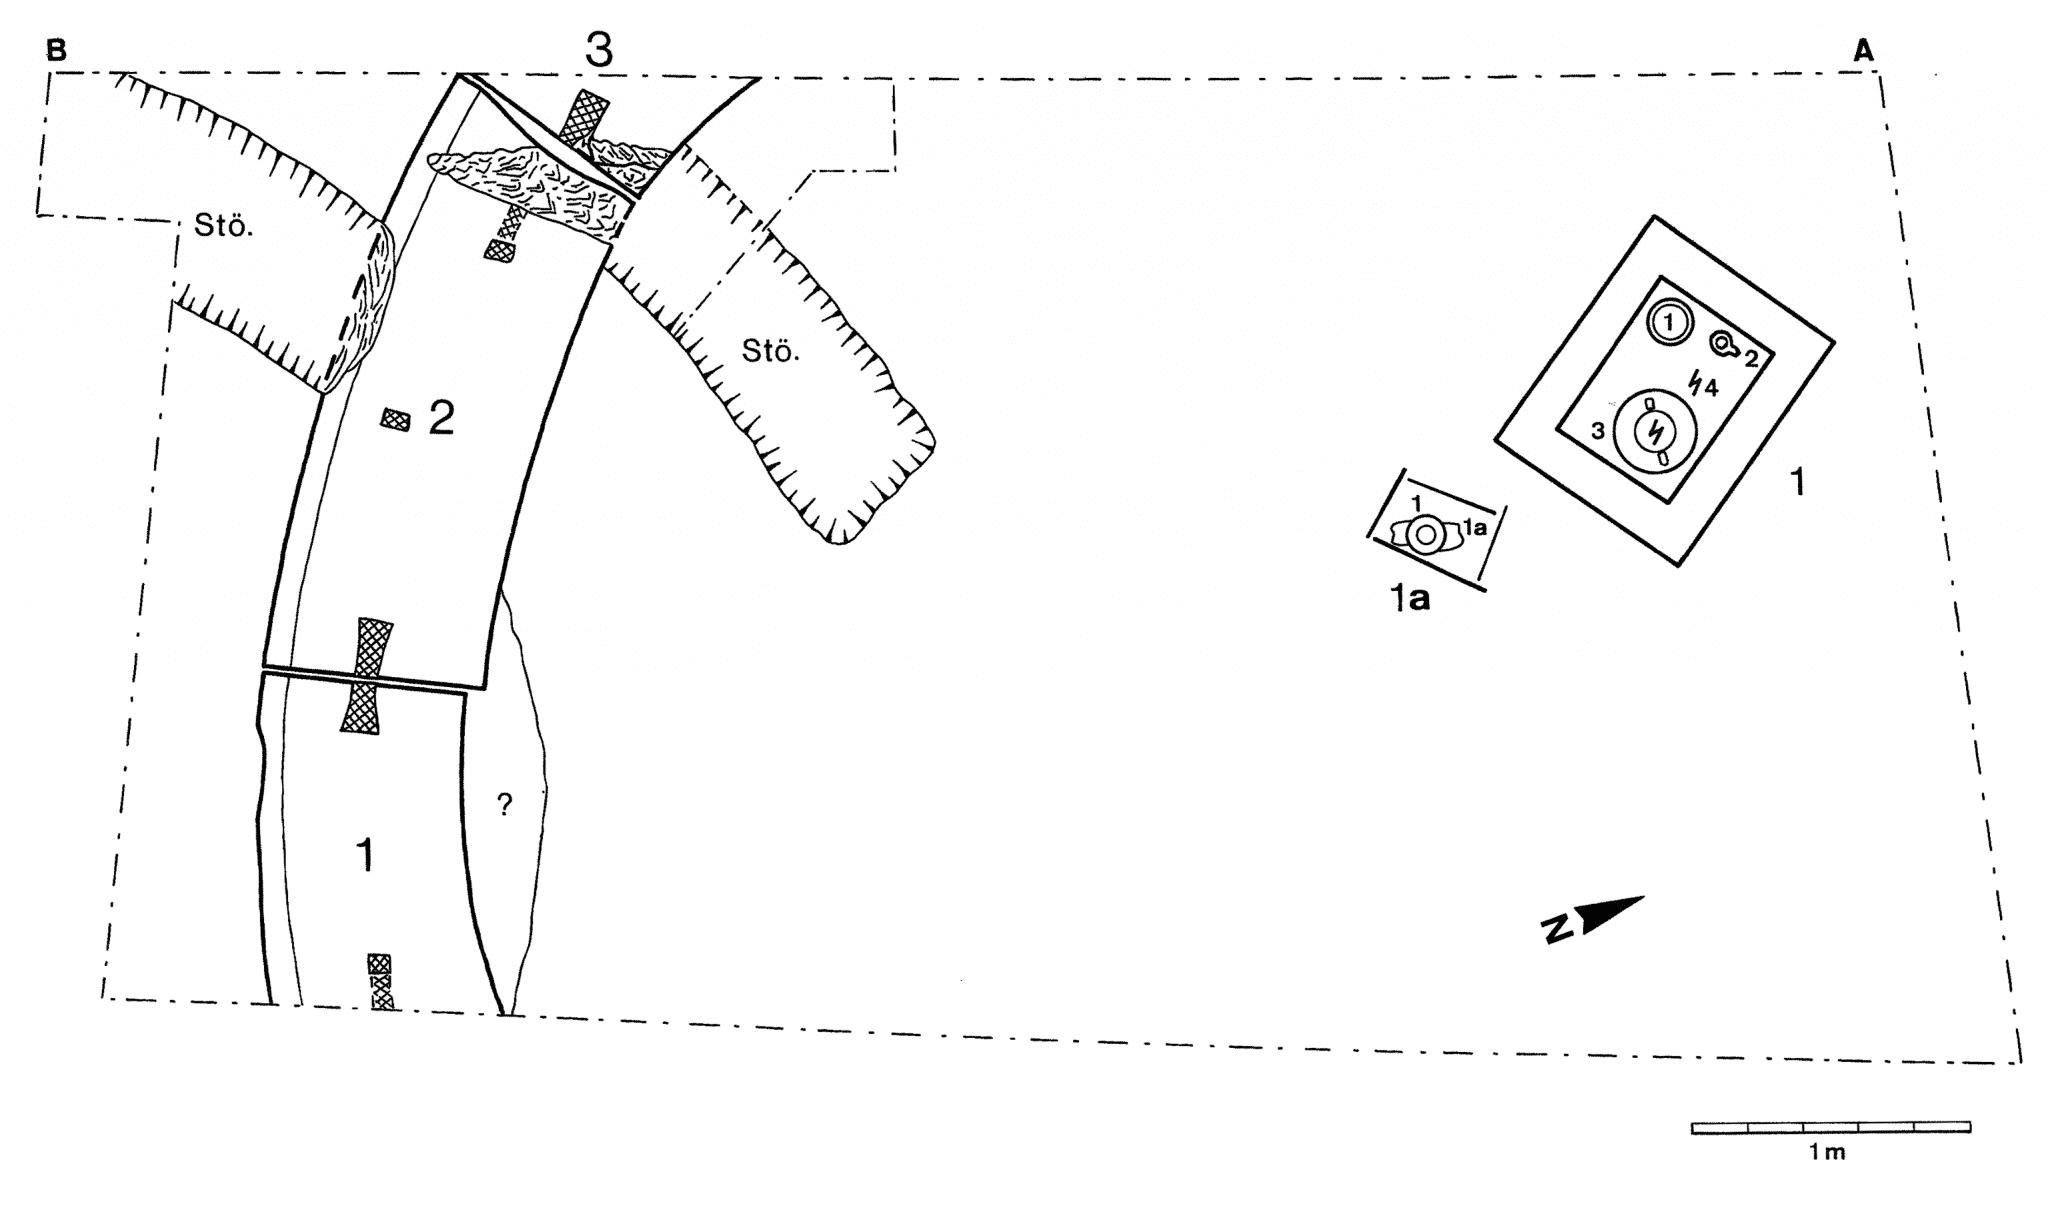 Befundplan